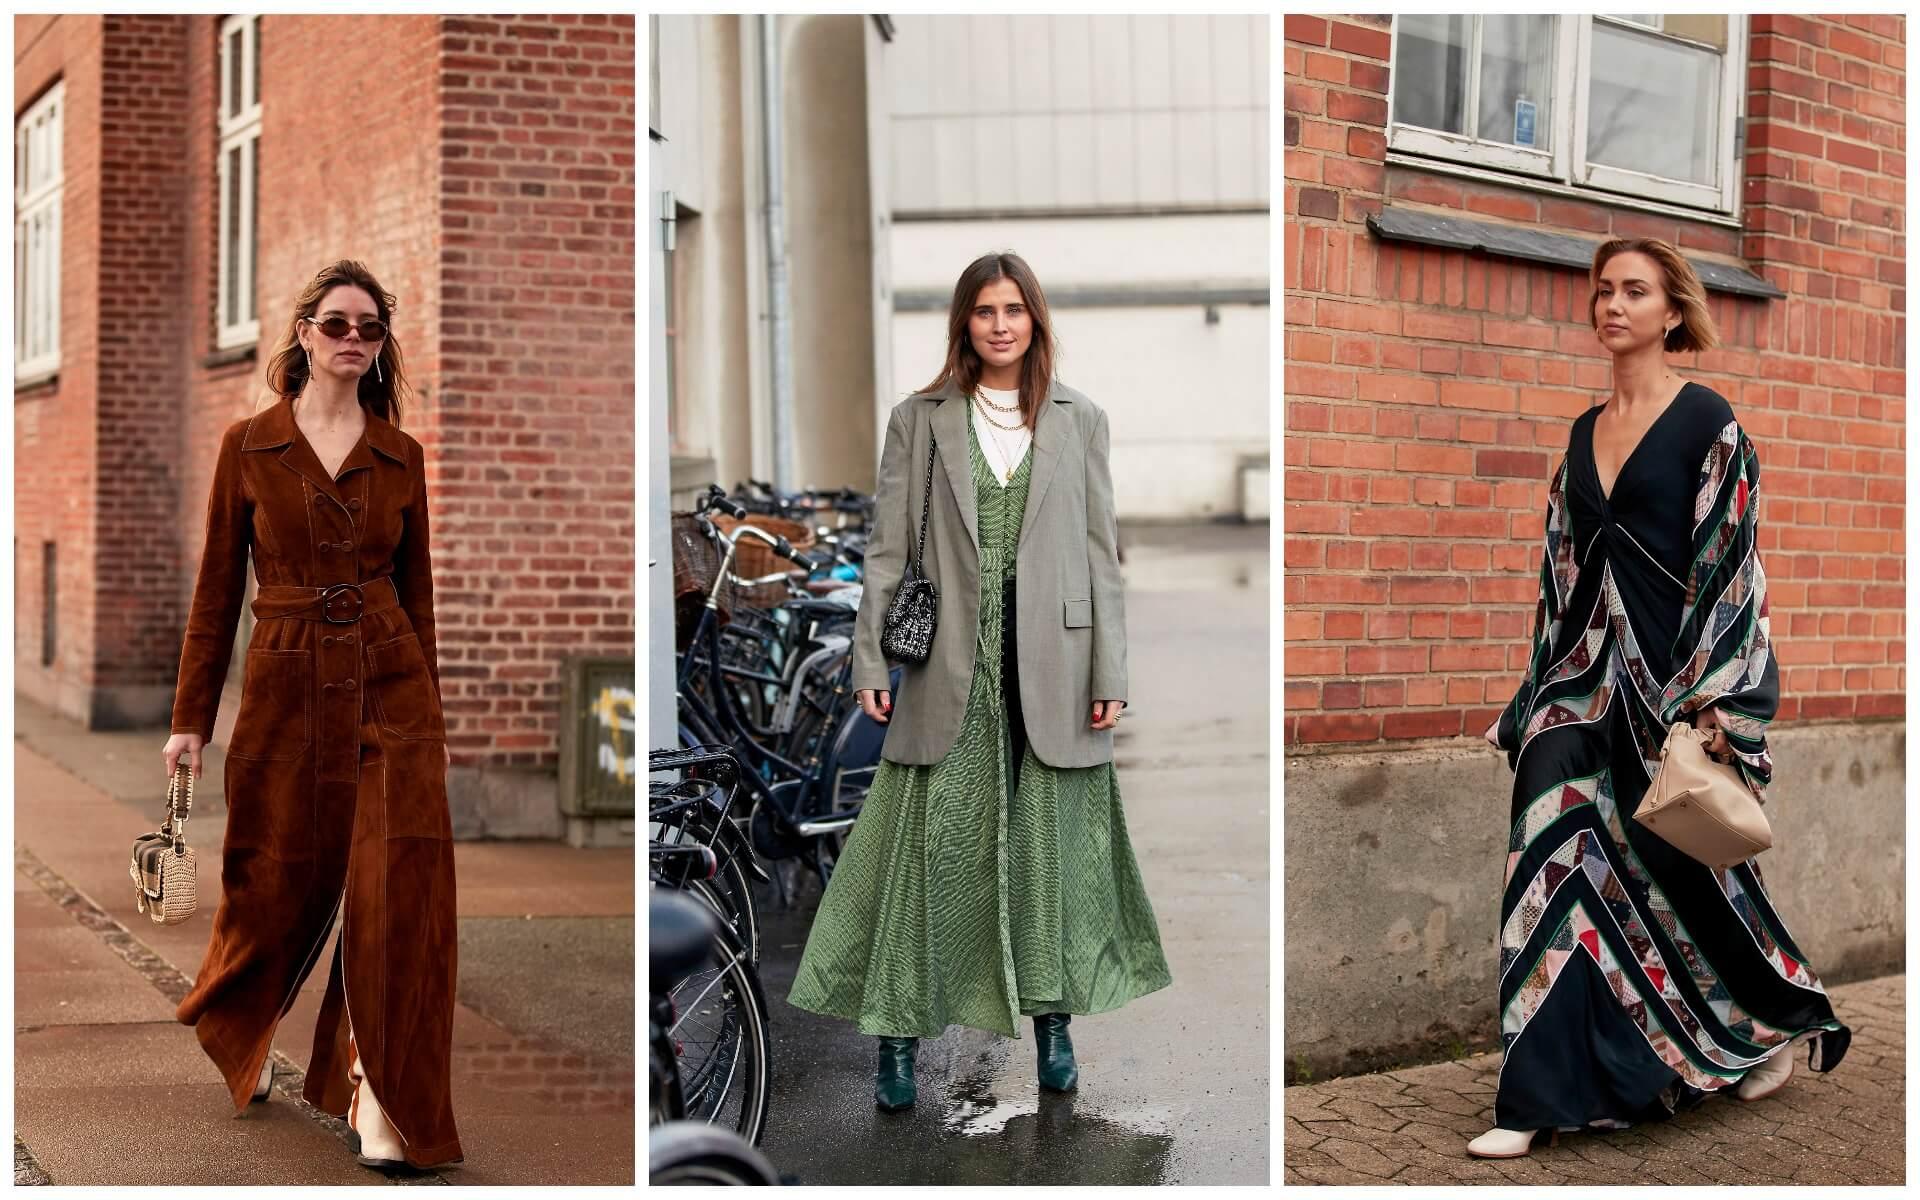 Must-haveсезона: 7 платьев, которые должны быть в гардеробе у каждой осенью 2020-Фото 1